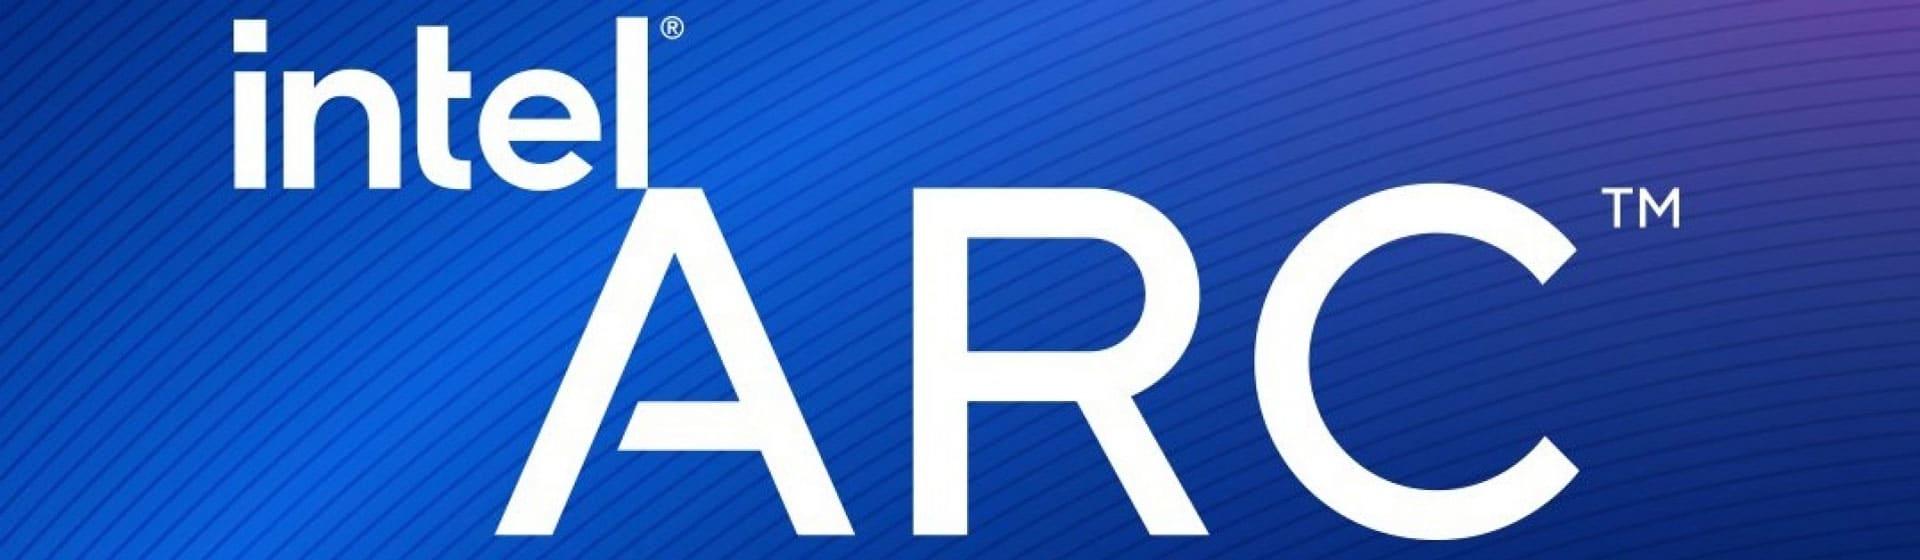 Intel Arc é a nova linha de placas de vídeo para jogos da Intel